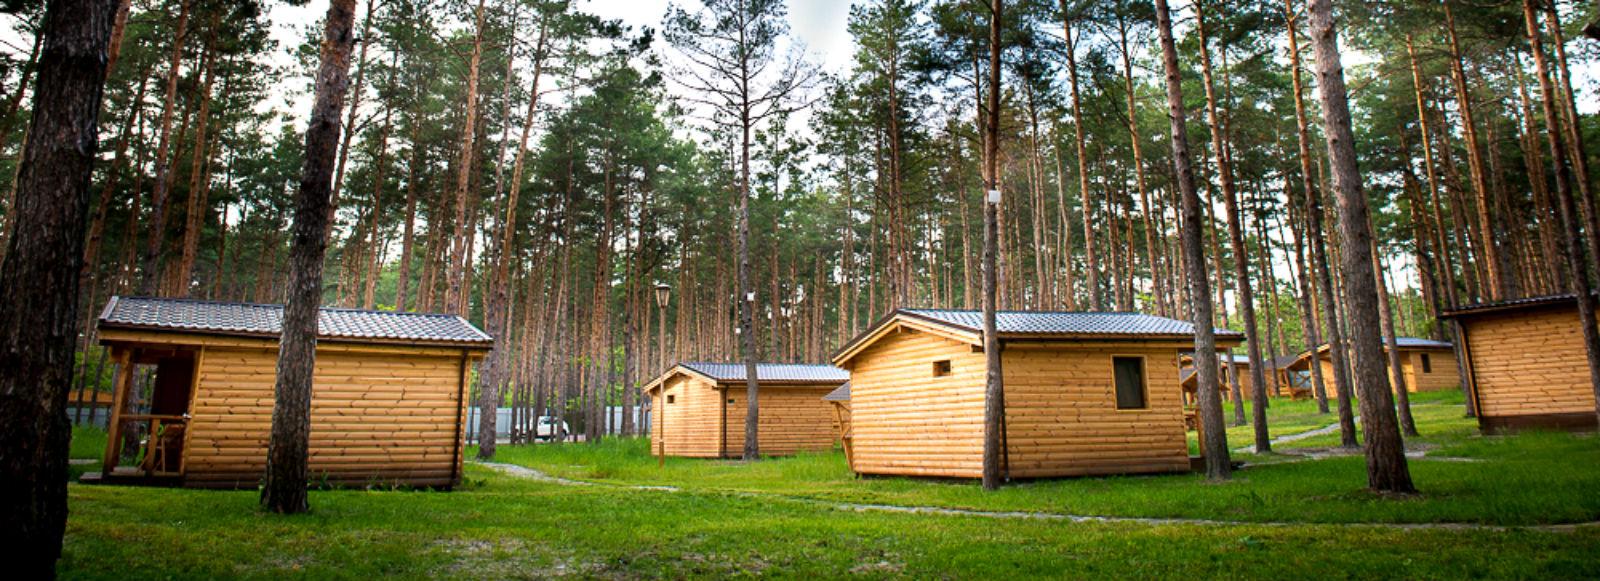 З 10 червня в Україні мають відкрити бази відпочинку - МОЗ, карантин - 08 baza otdyha